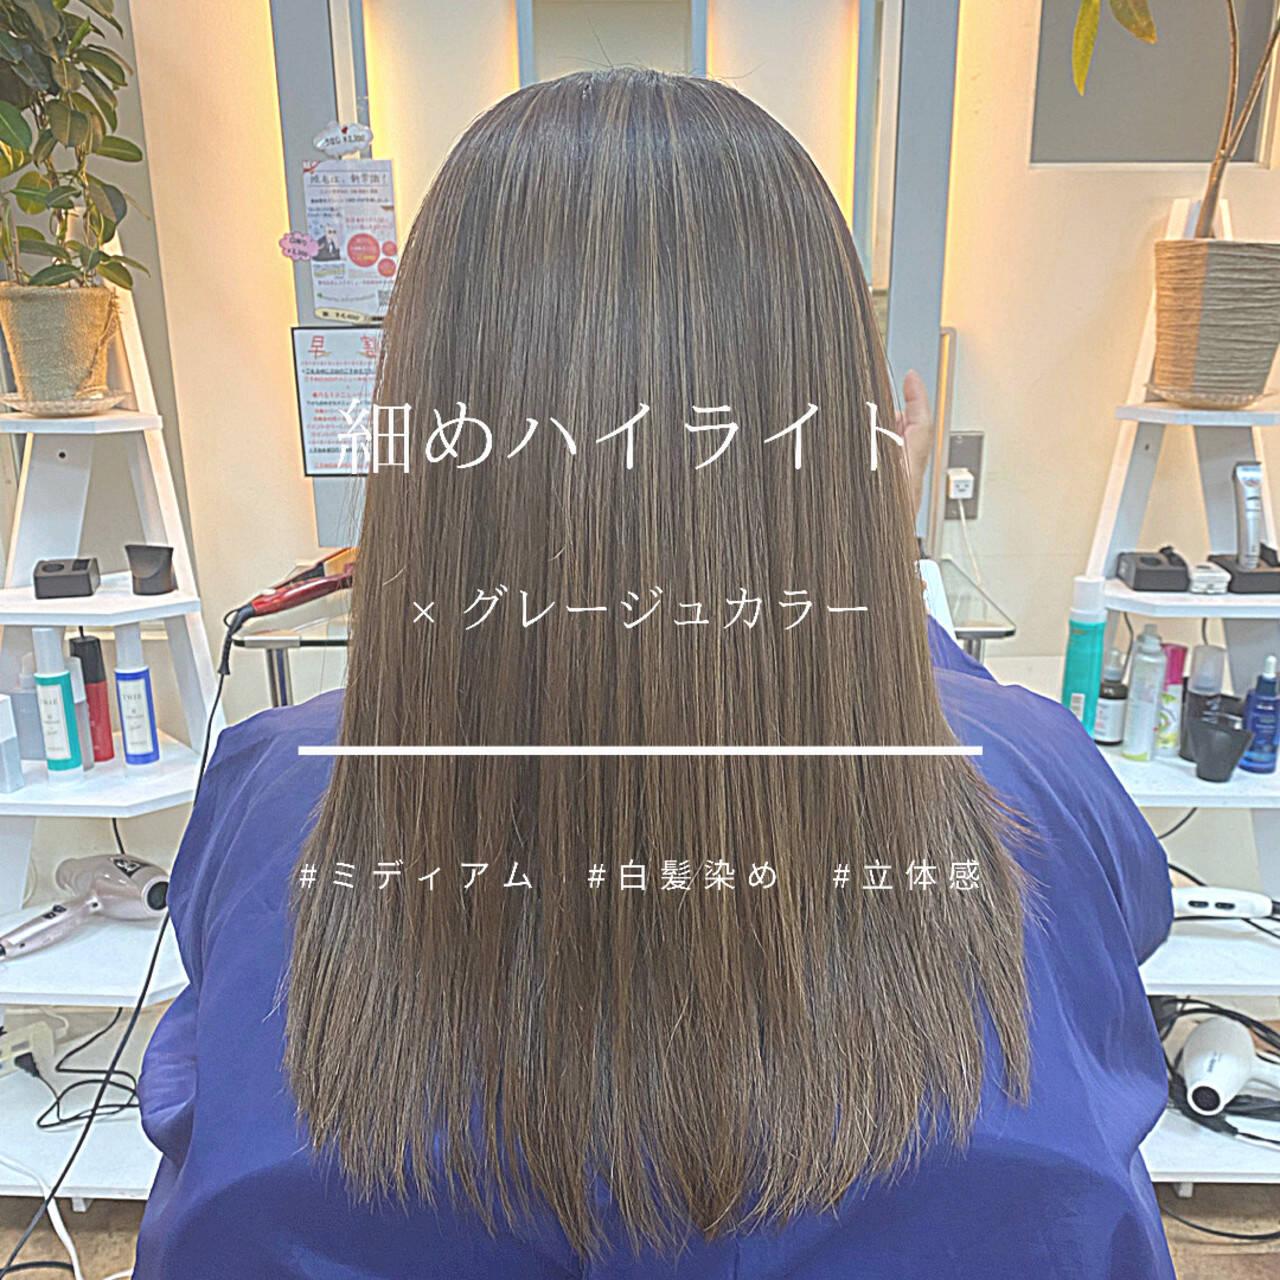 セミロング ハイライト イメチェン モードヘアスタイルや髪型の写真・画像